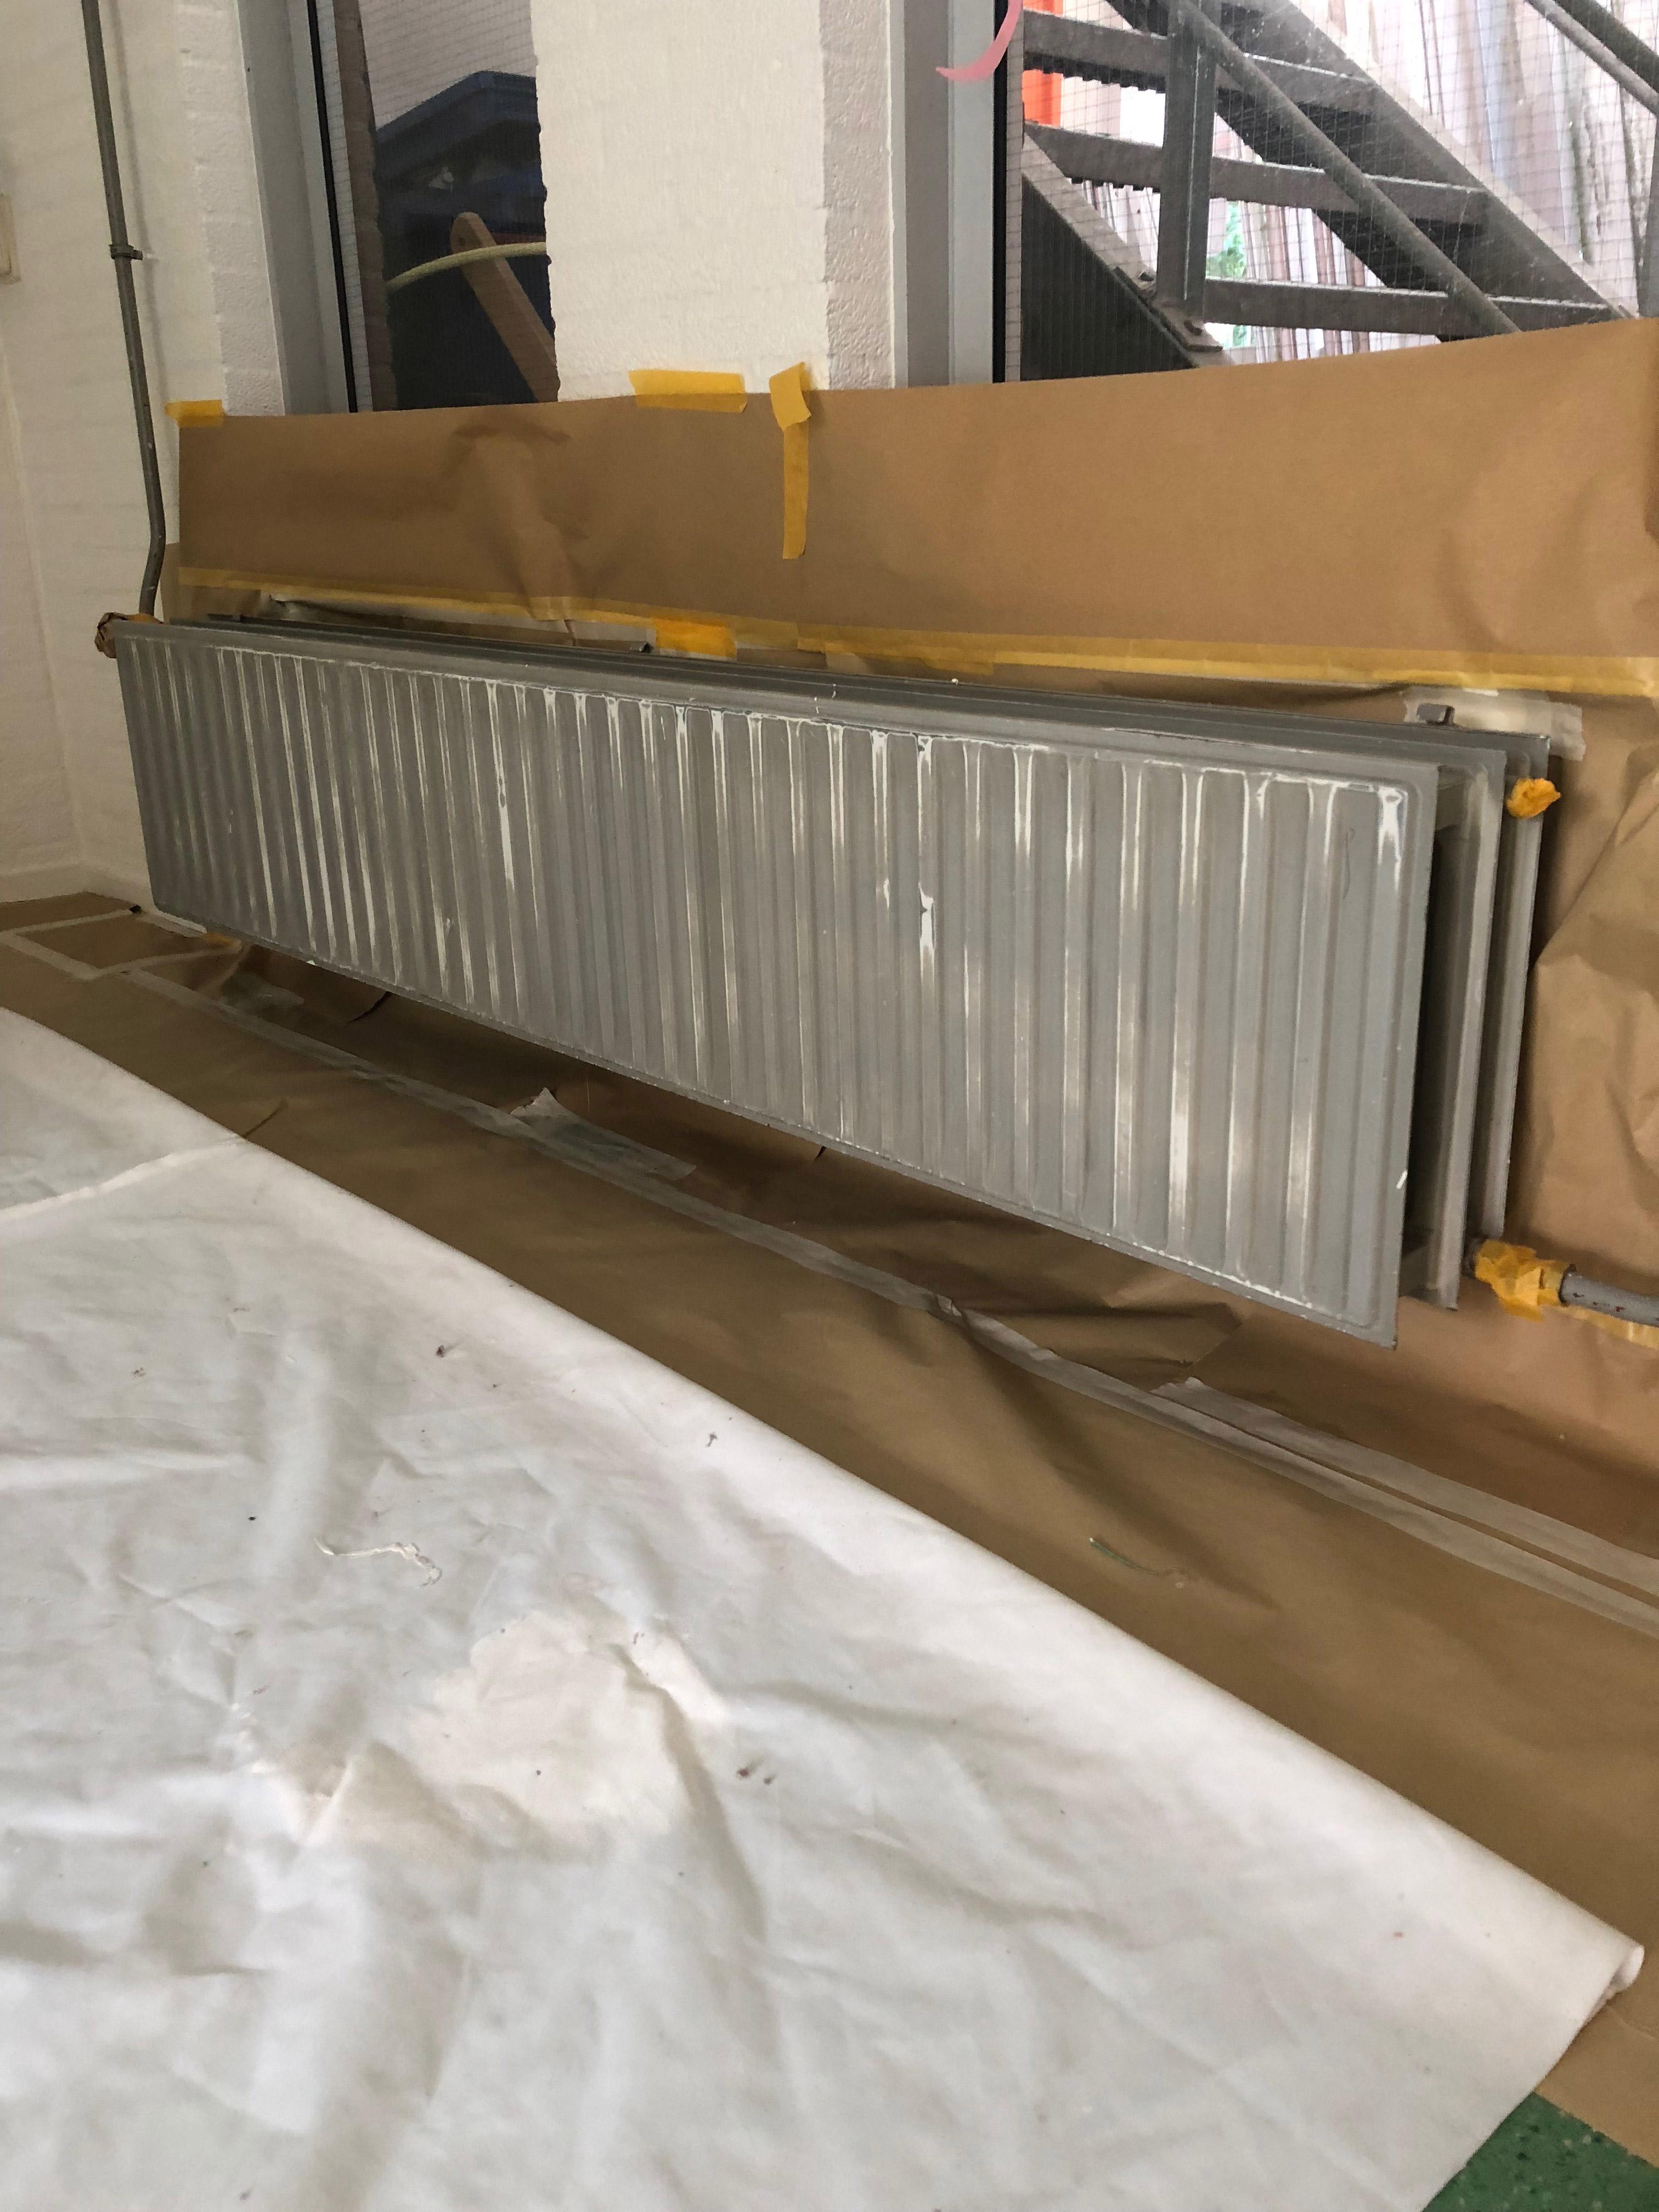 radiatorr-voor-spuiten.jpg